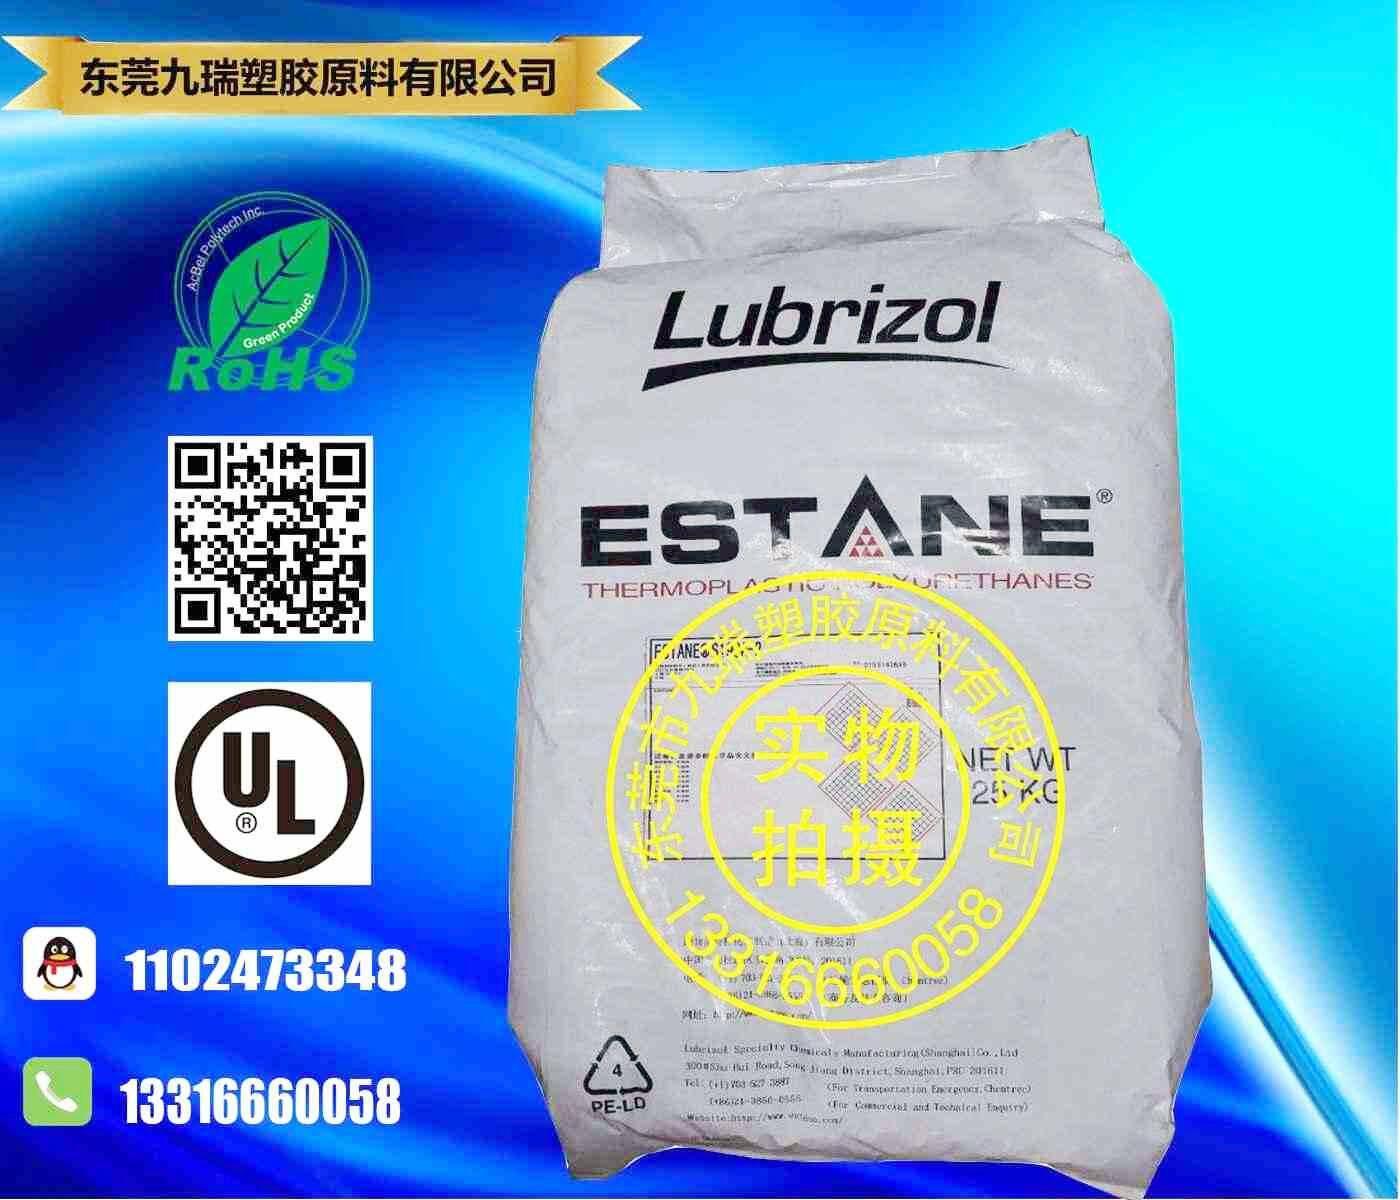 路博润聚醚TPU AG9550脂肪族光学薄膜级水晶聚氨酯